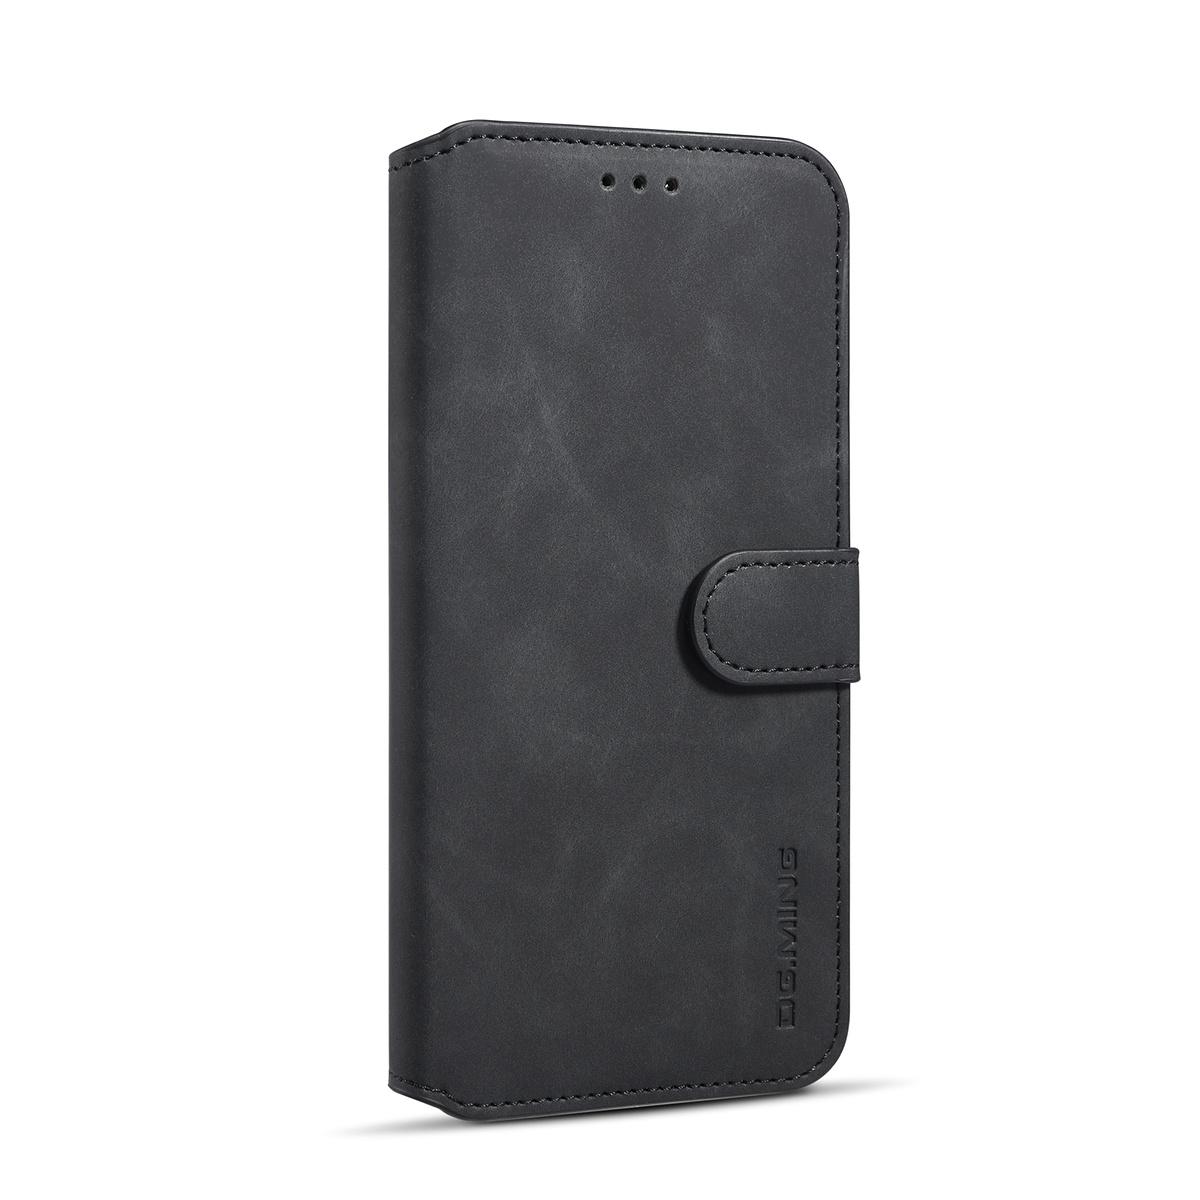 DG.MING Retro fodral, ställ, kortplats, iPhone XS Max, svart